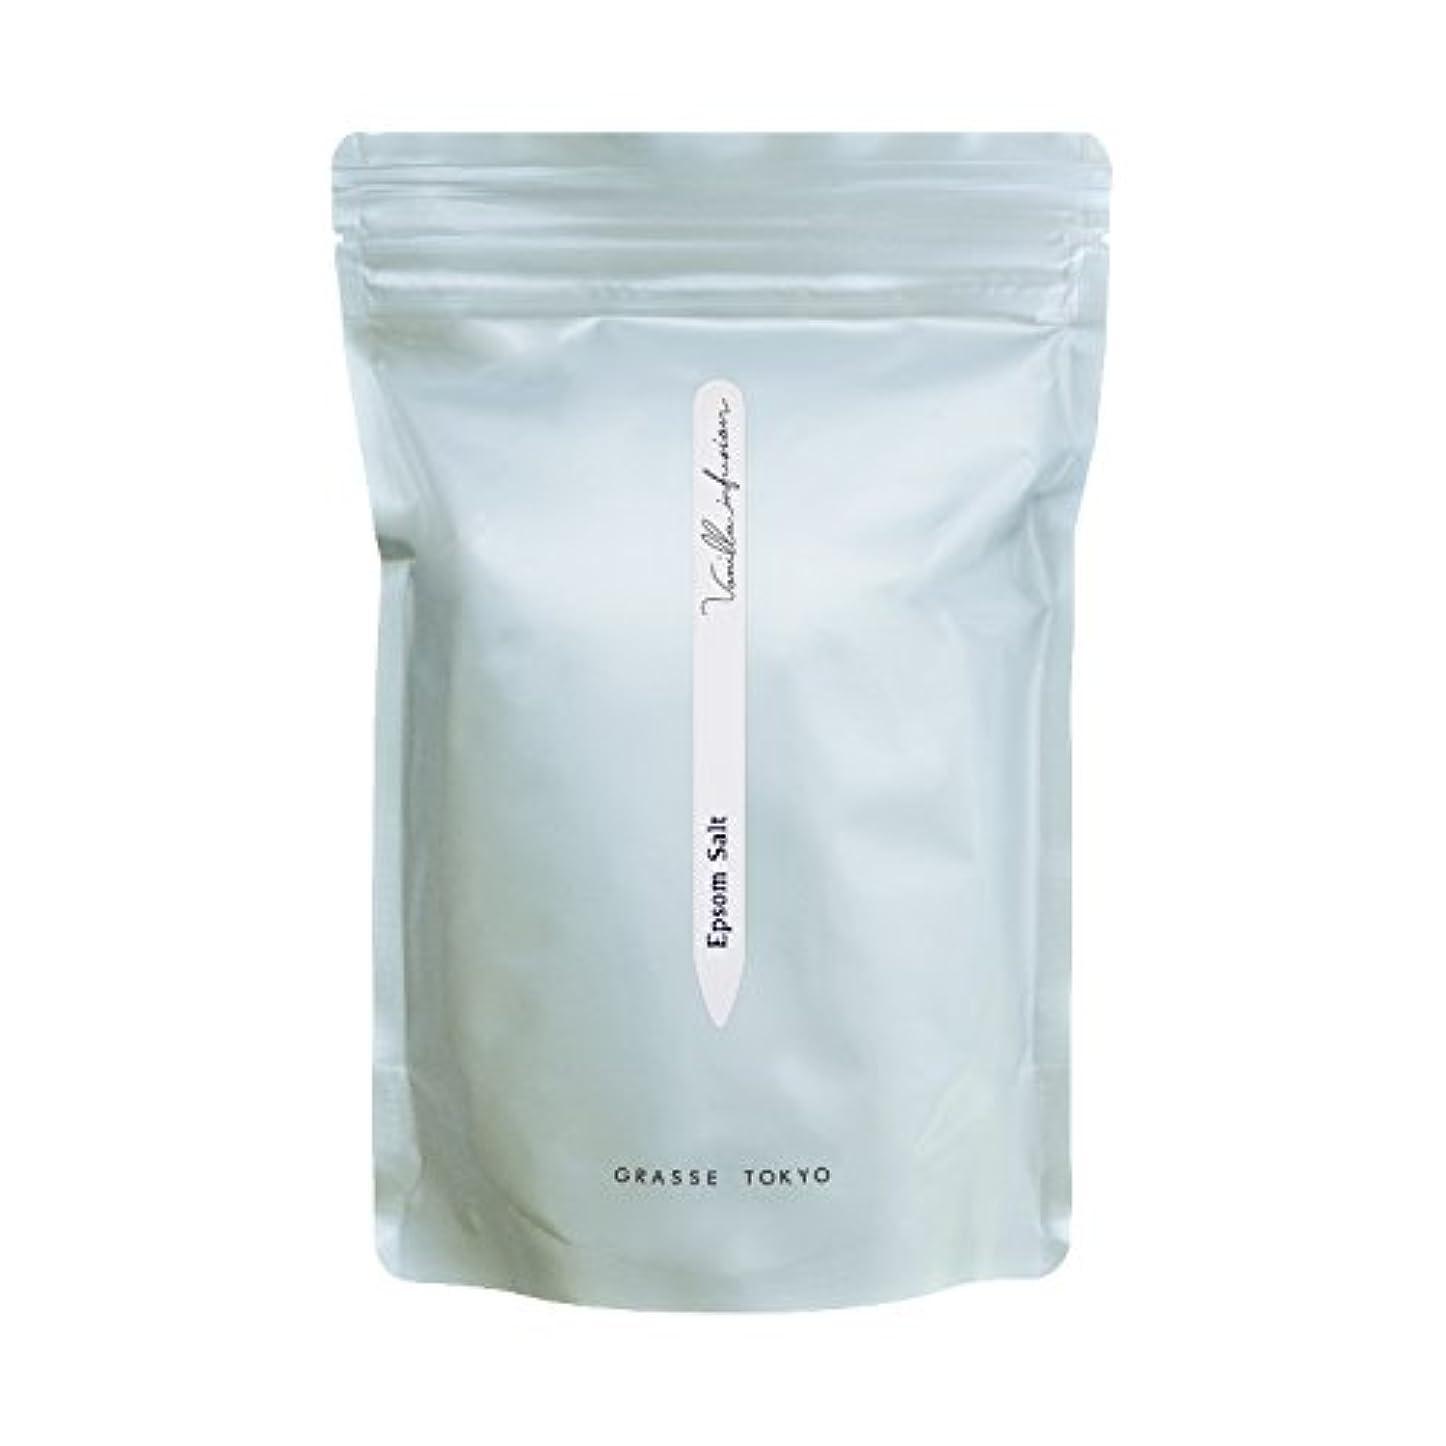 ズームインするフェッチお嬢グラーストウキョウ エプソムソルト(浴用、5回分ジップ袋) Vanilla infusion 750g